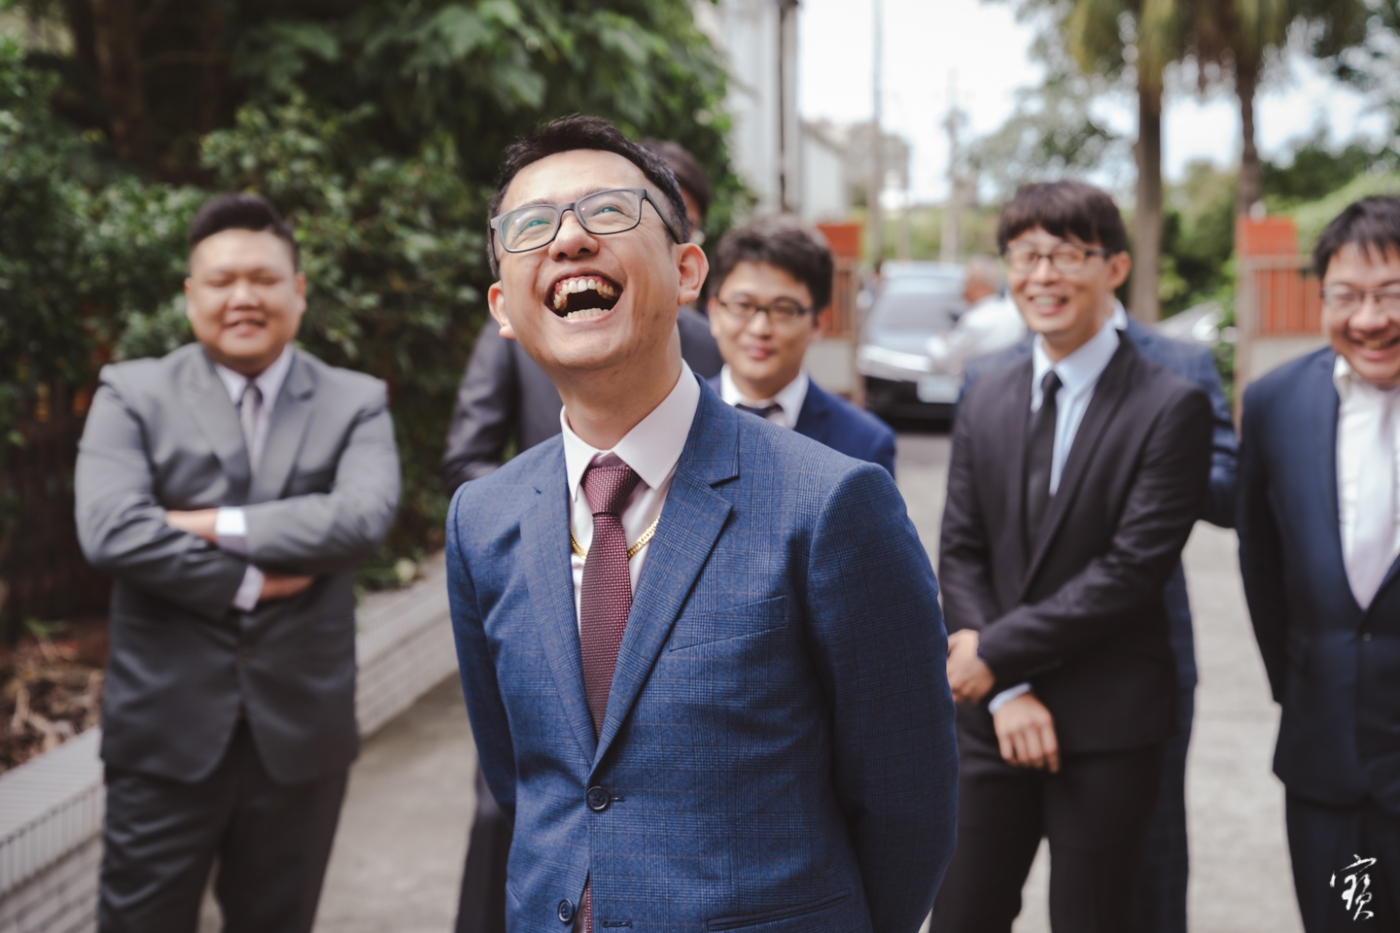 桃園婚禮 晶麒莊園 婚禮攝影 攝影師大寶 北部攝影 桃園攝影 新竹攝影 台北攝影 婚攝 早儀晚宴 1071014-29